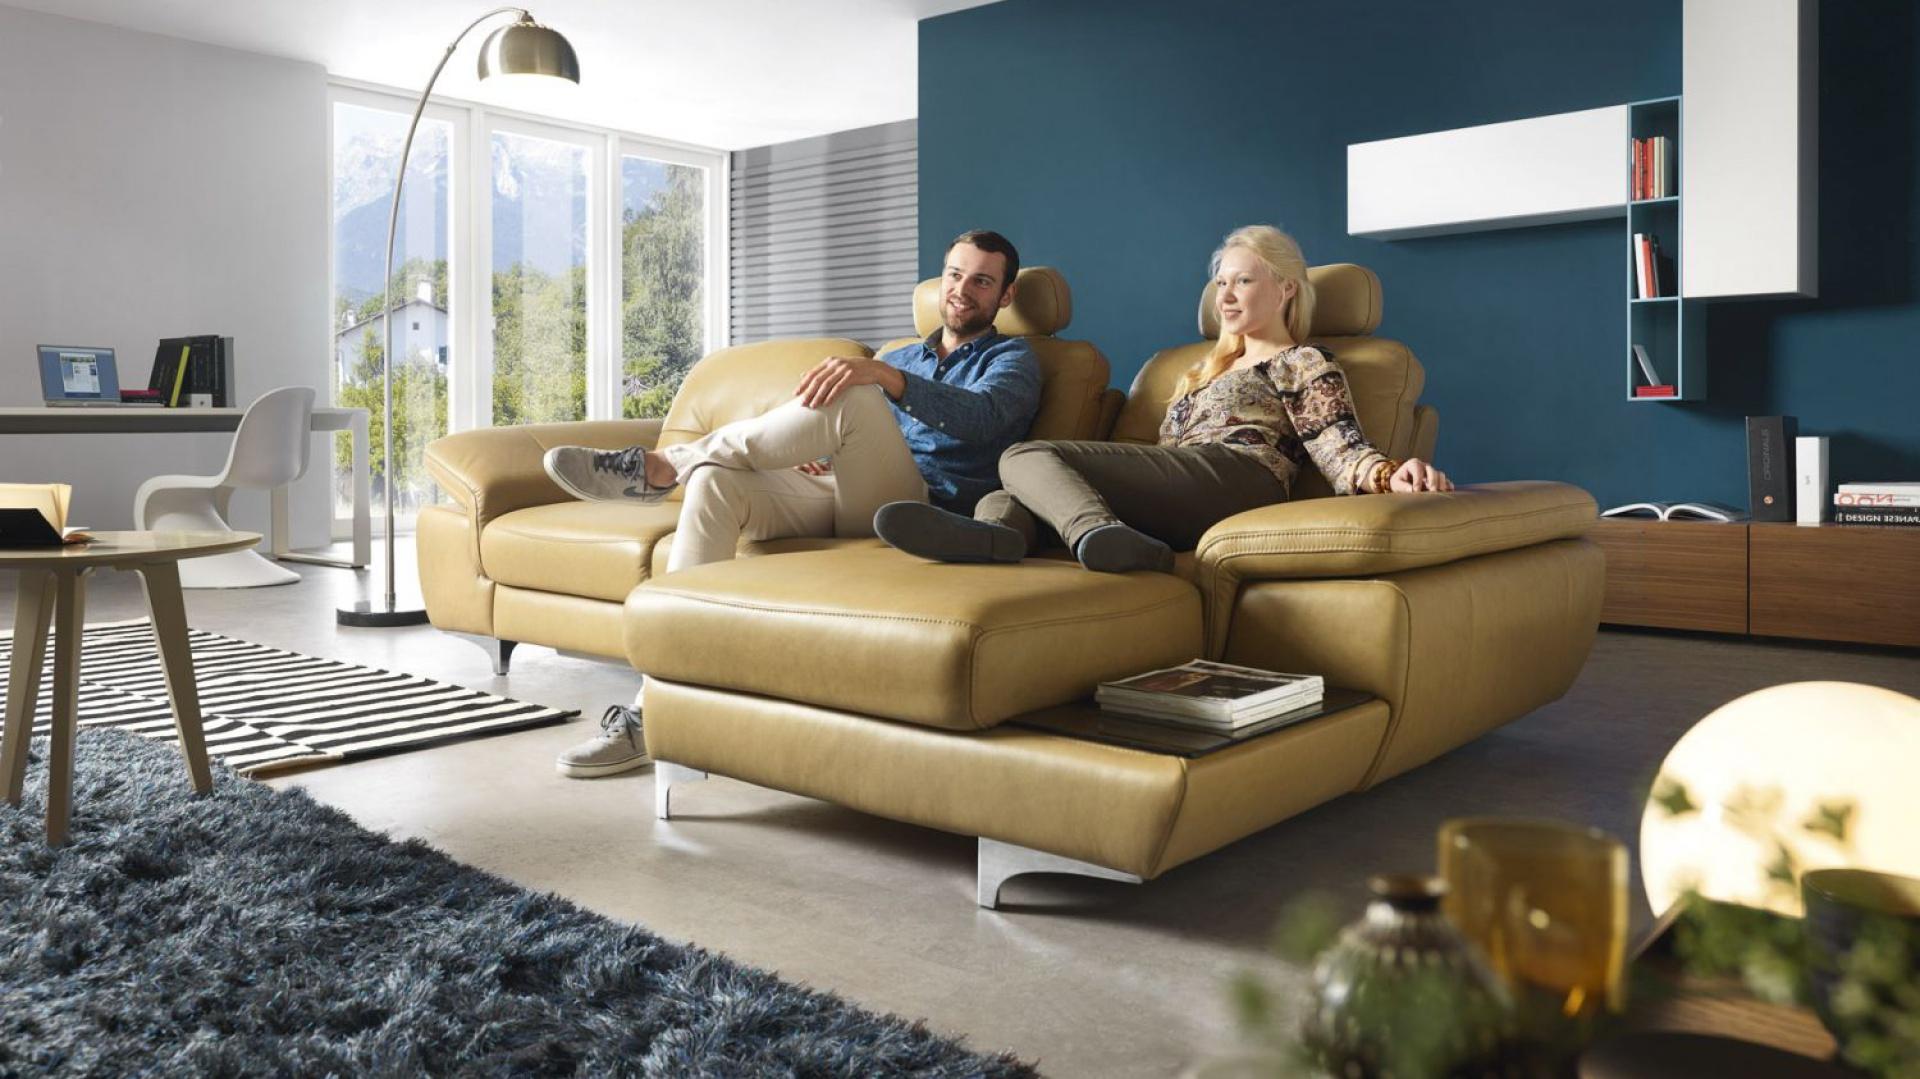 Move to esencja elegancji i funkcjonalności. Bardzo ergonomicznym rozwiązaniem jest siedzisko, w którym przesuwając oparcie można zwiększyć głębokość mebla. Fot. Gala Collezione.